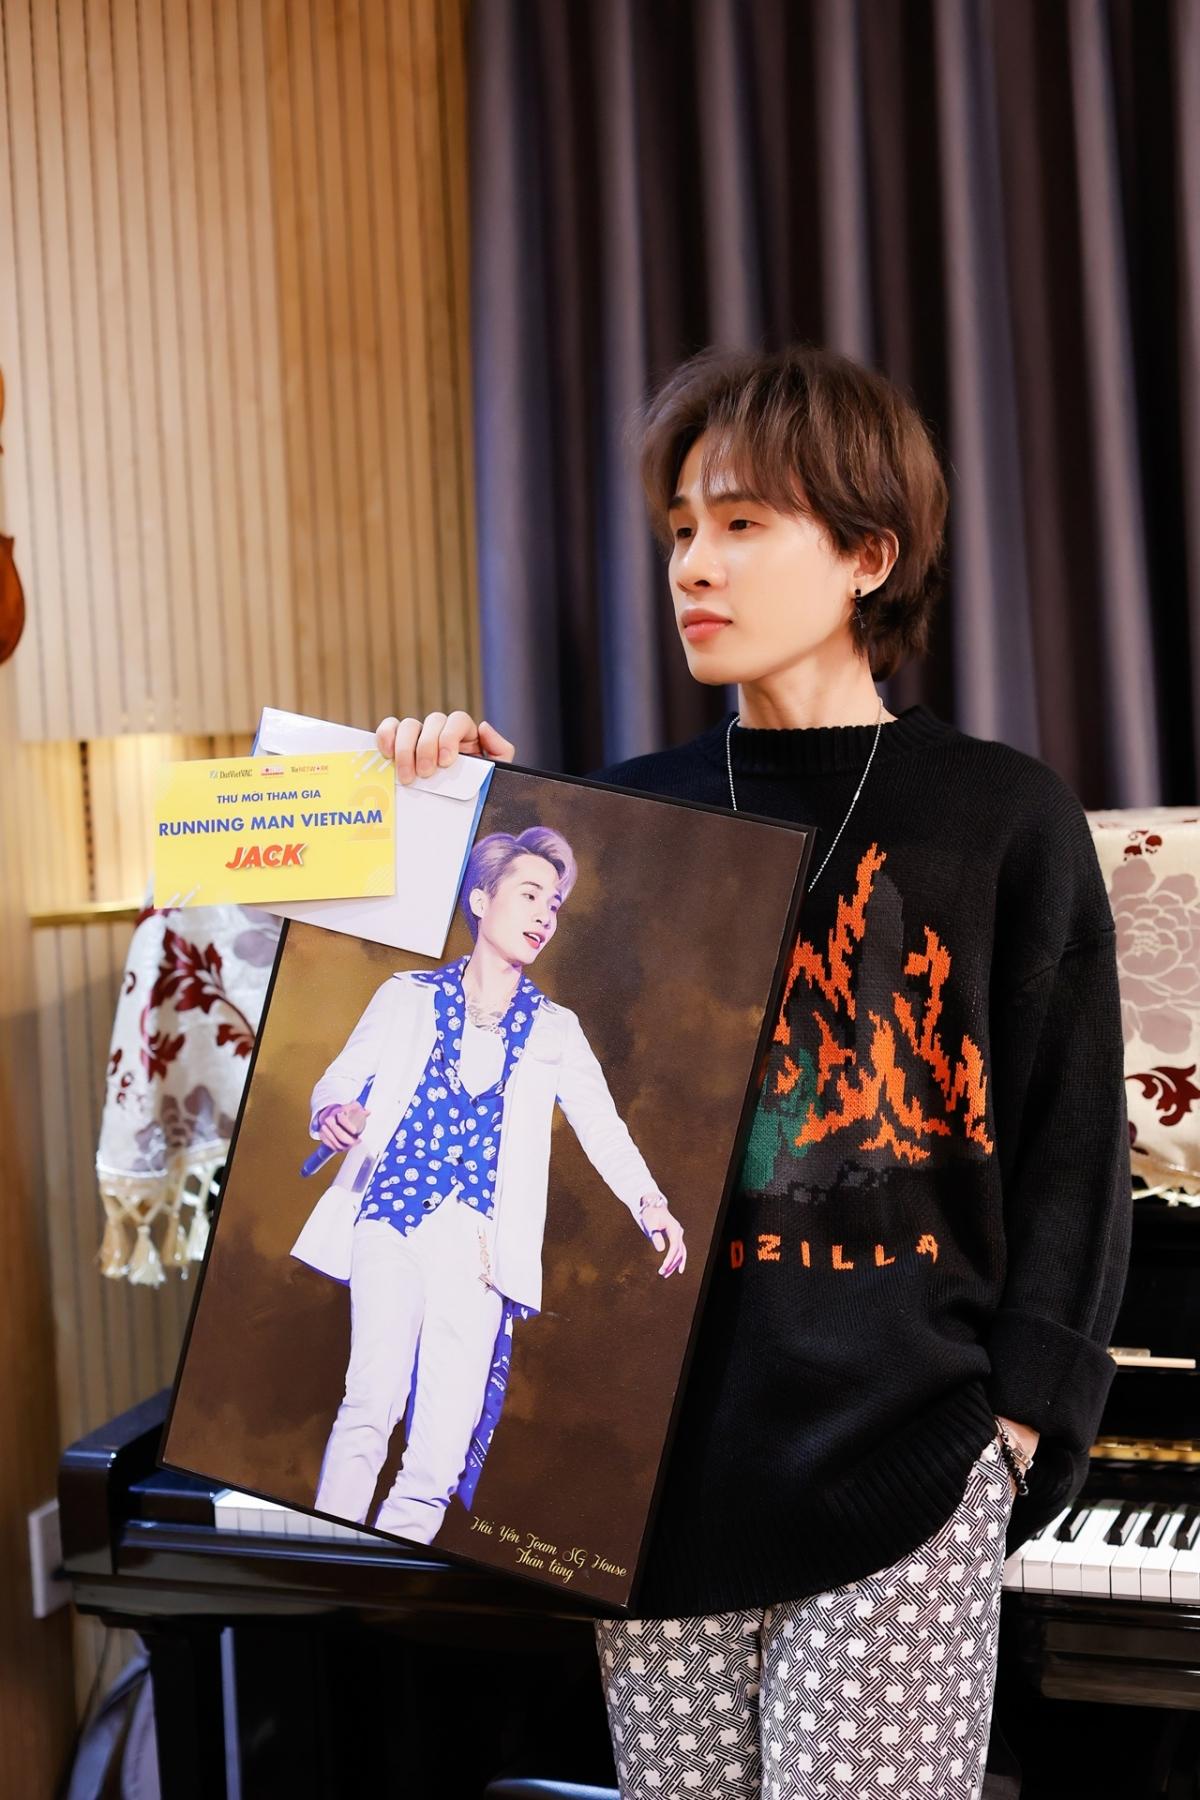 Thành viên cuối cùng của Running Man Vietnam chính thức lộ diện là nam ca sĩ Jack.